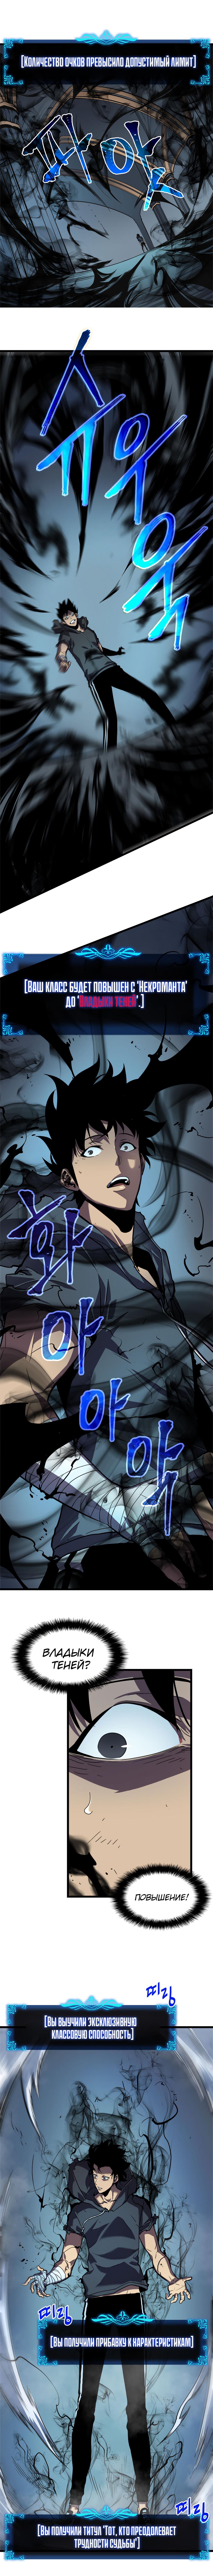 https://r1.ninemanga.com/comics/pic3/13/35341/1300017/1547313430627.png Page 5